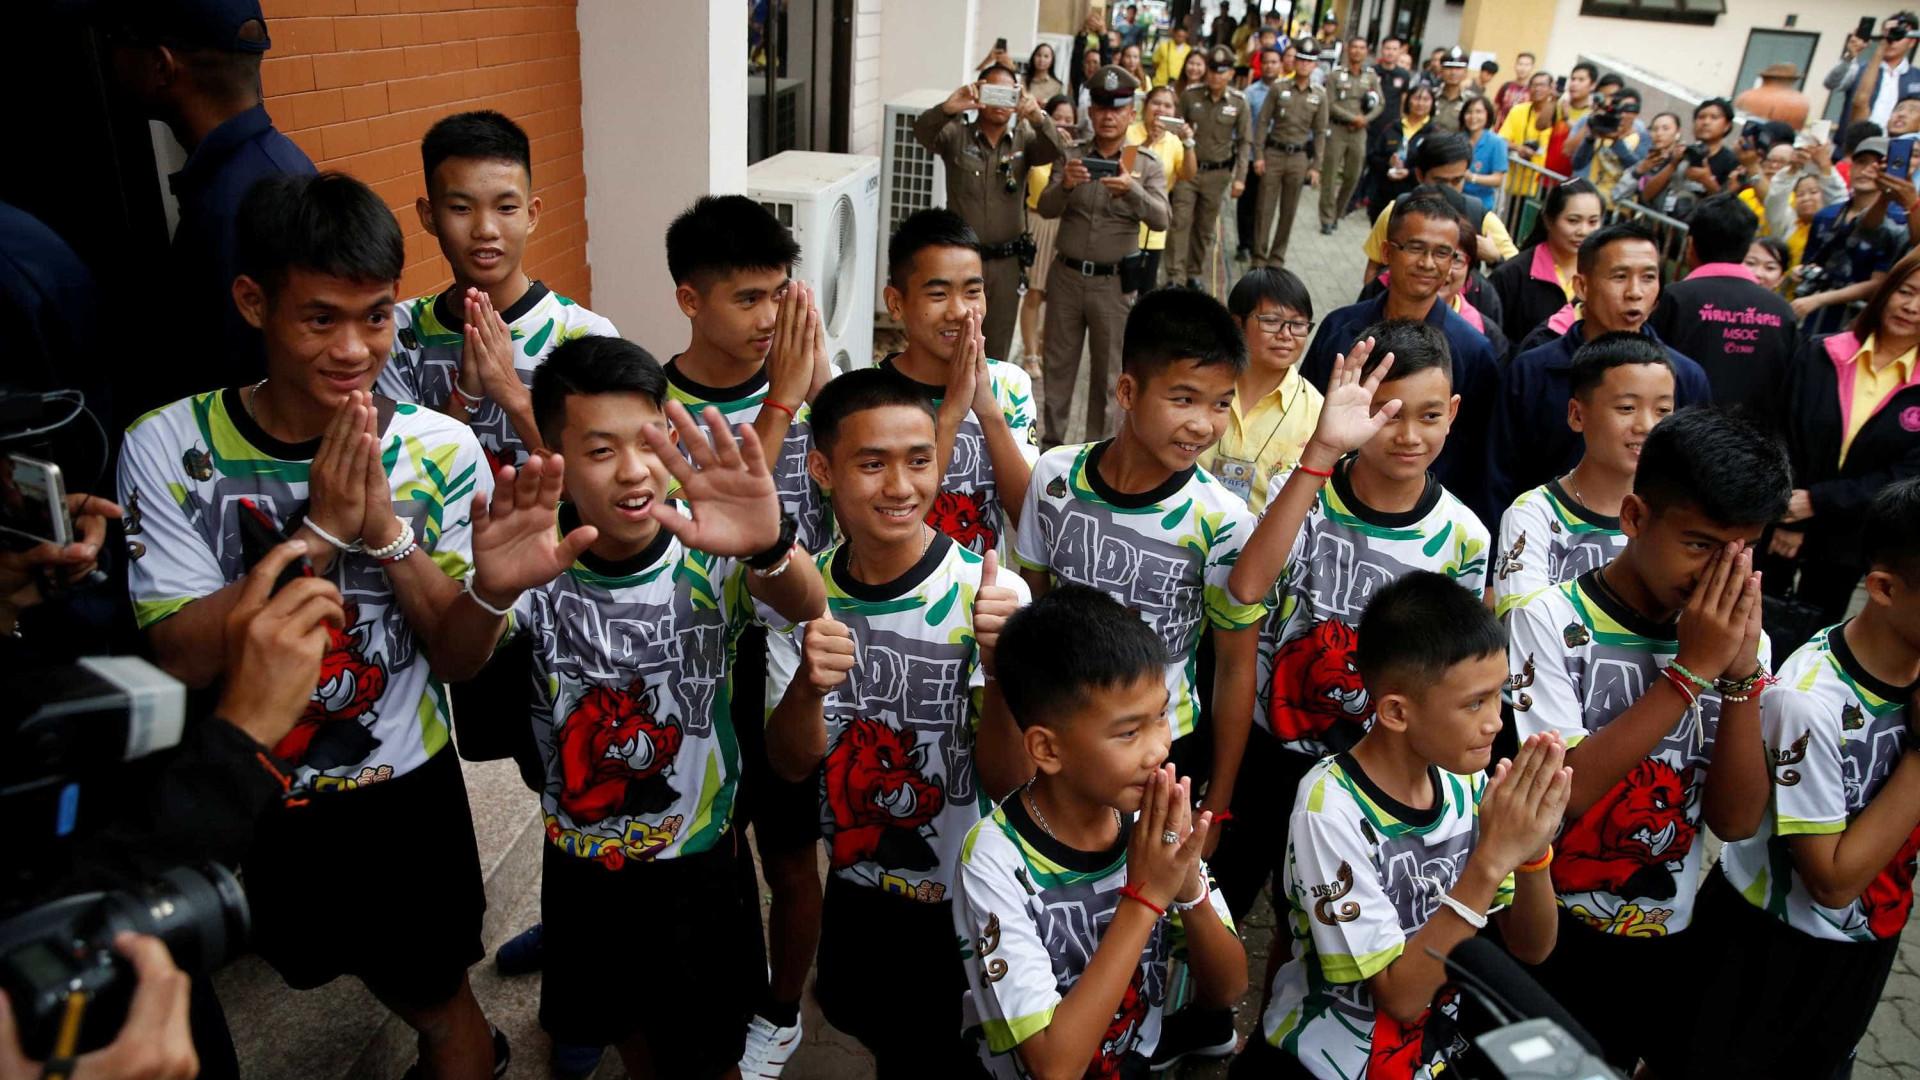 Meninos tailandeses recebem alta e concedem 1ª entrevista coletiva